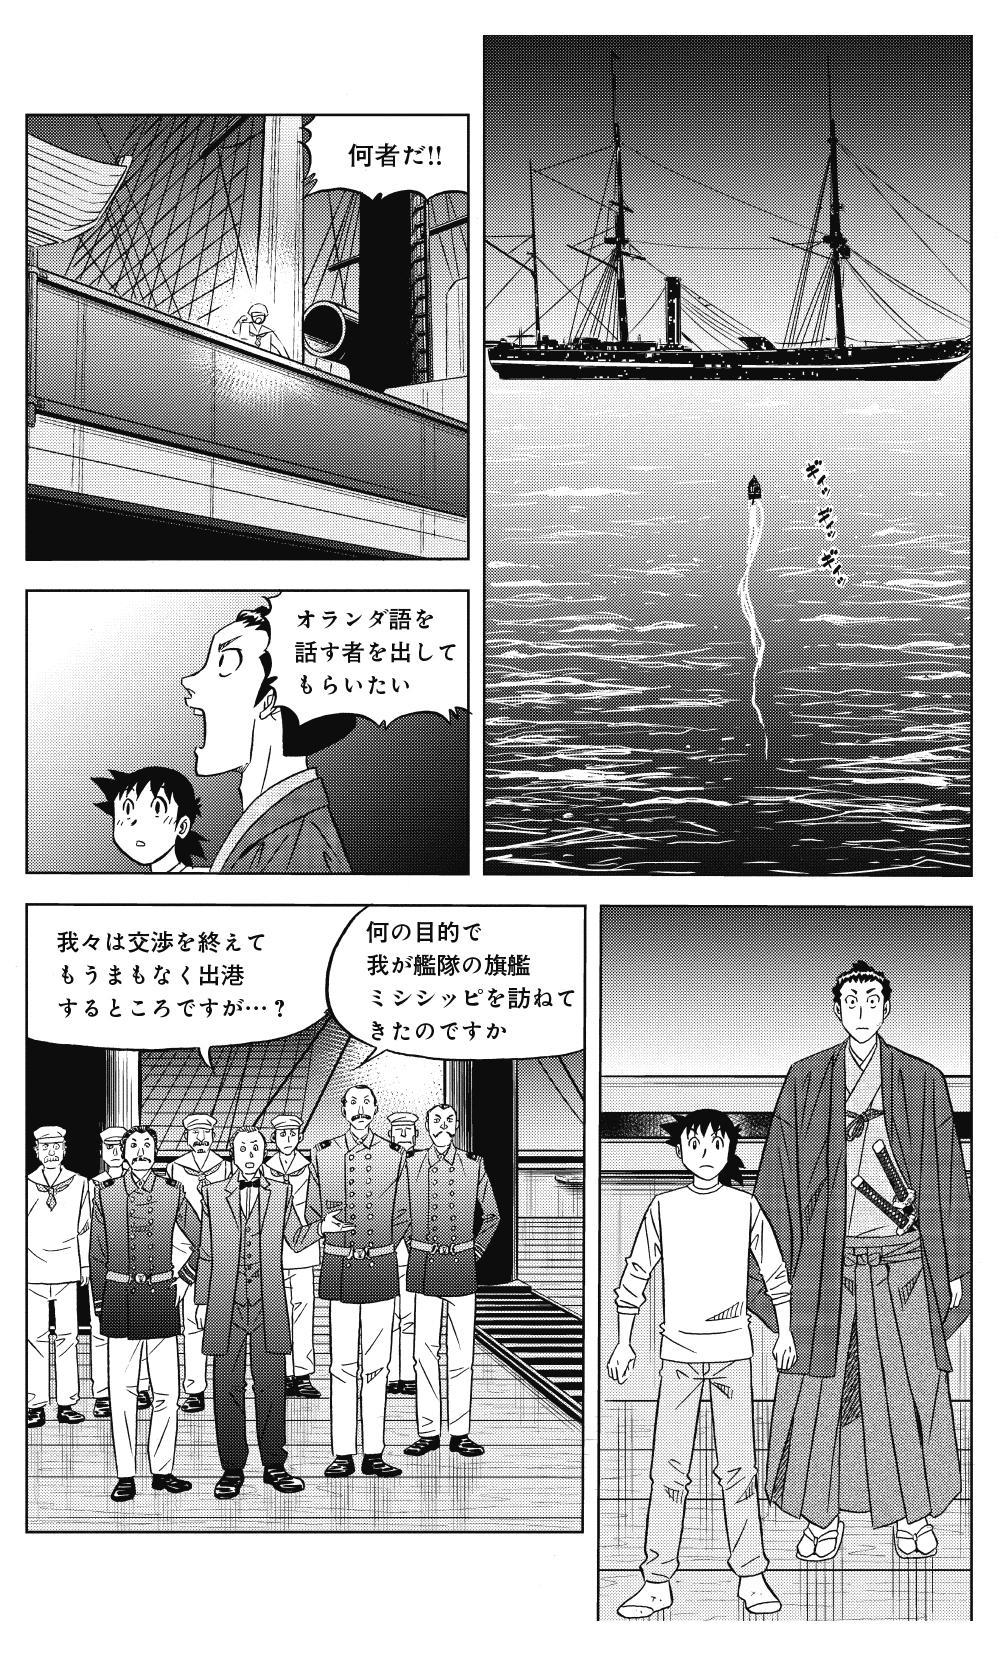 ミスター味っ子 幕末編 第1話「黒船来航」③ajikko26.jpg